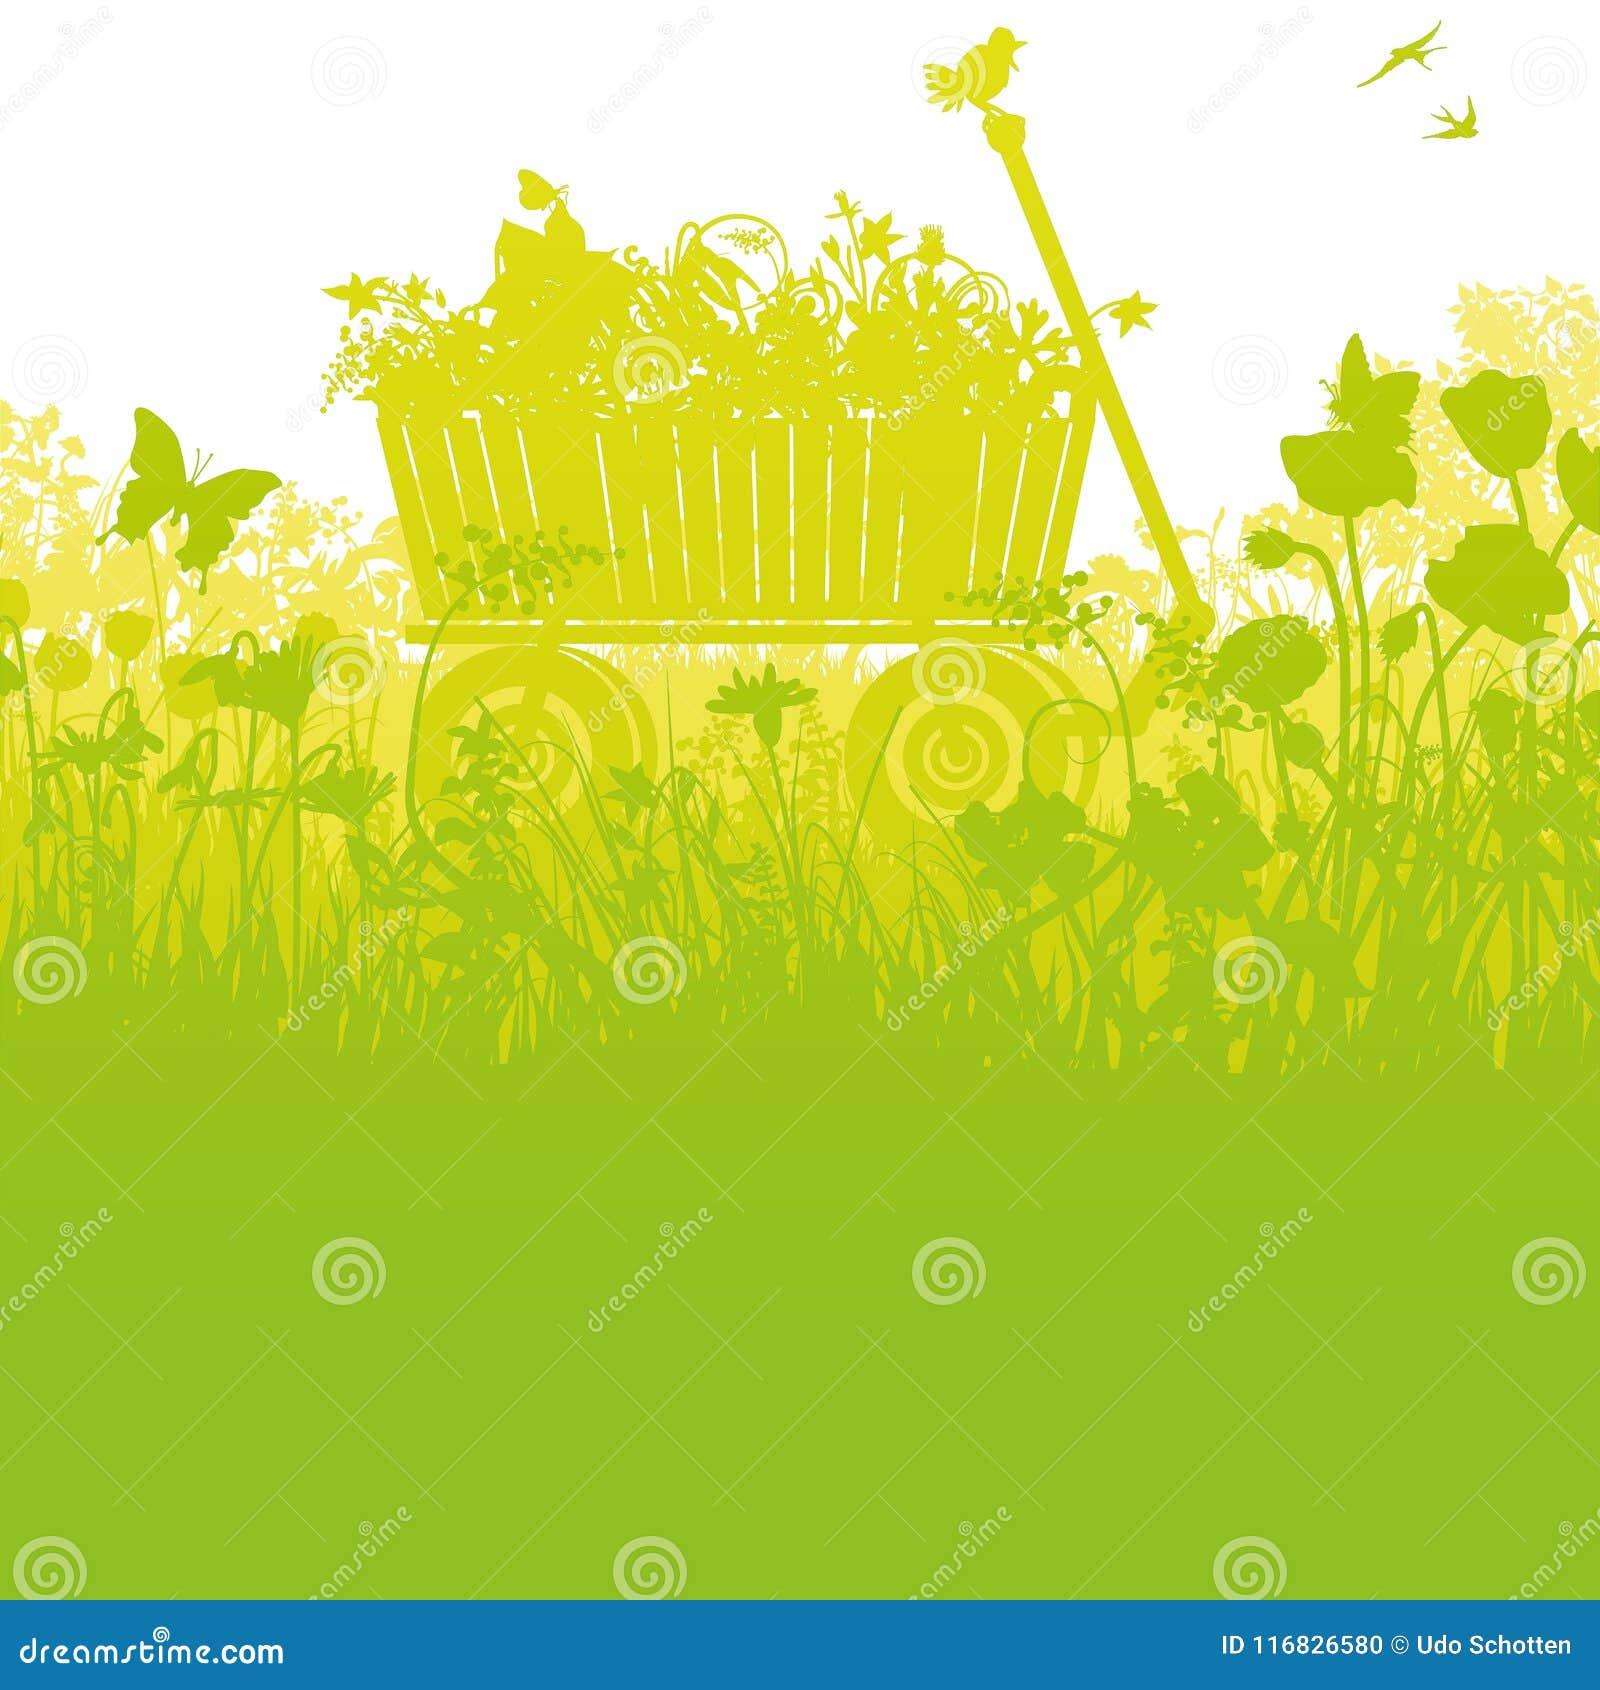 Stootkar in hoog dicht gras